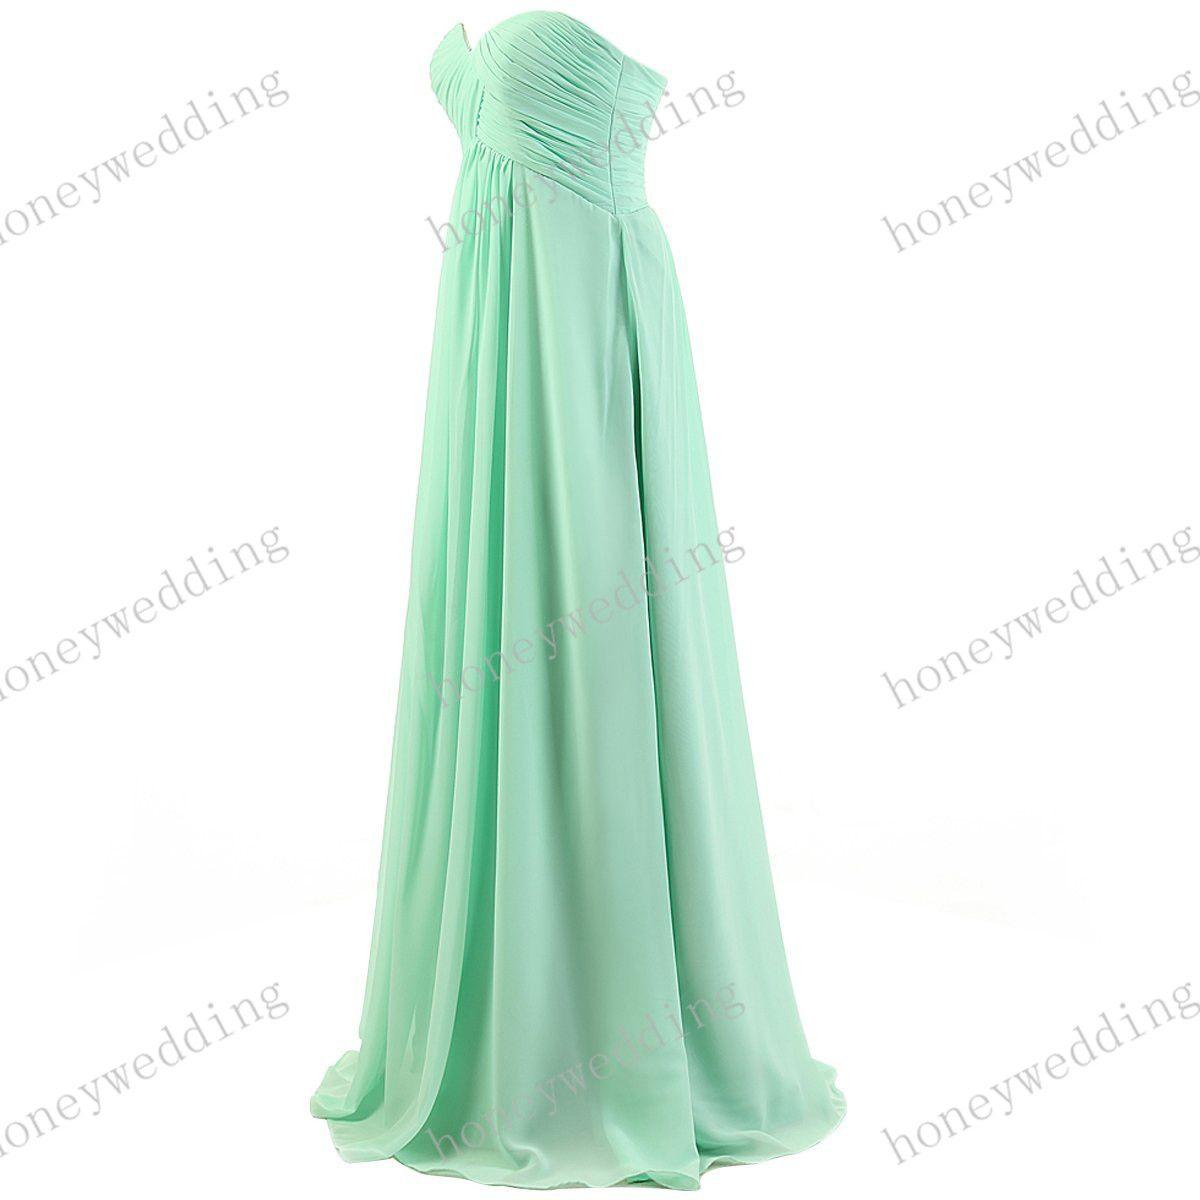 Stock Sheath Szyfonowe Druhna Sukienki Tanie Sweetheart Plisowane Światło Royal Blue Long Prom Wedding Party Dress Druhna Dress